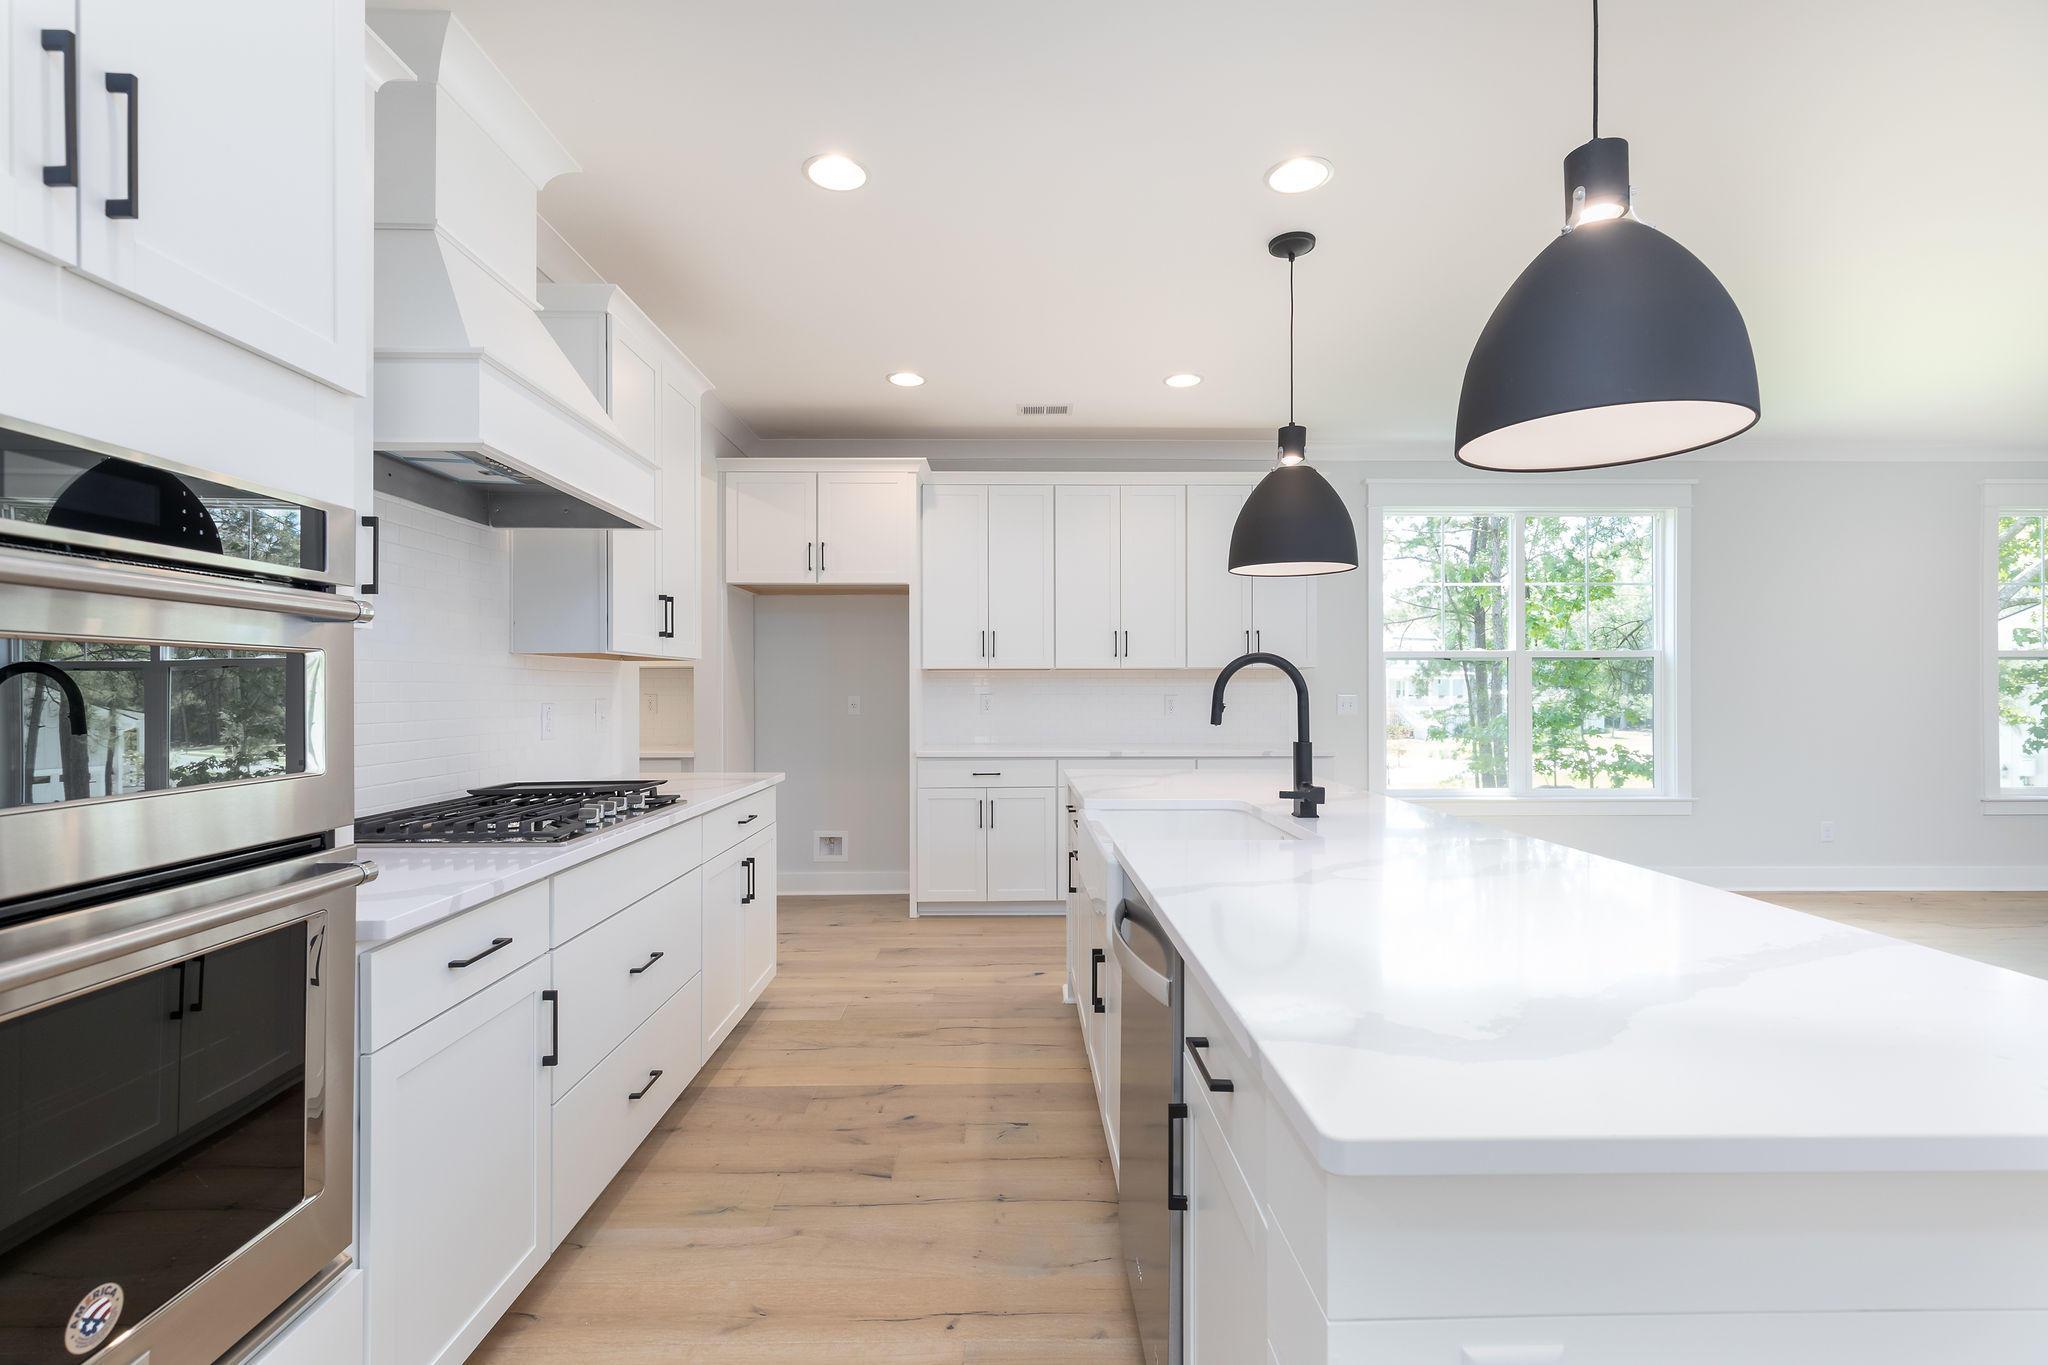 Hamlin Plantation Homes For Sale - 4902 Sound View, Mount Pleasant, SC - 10